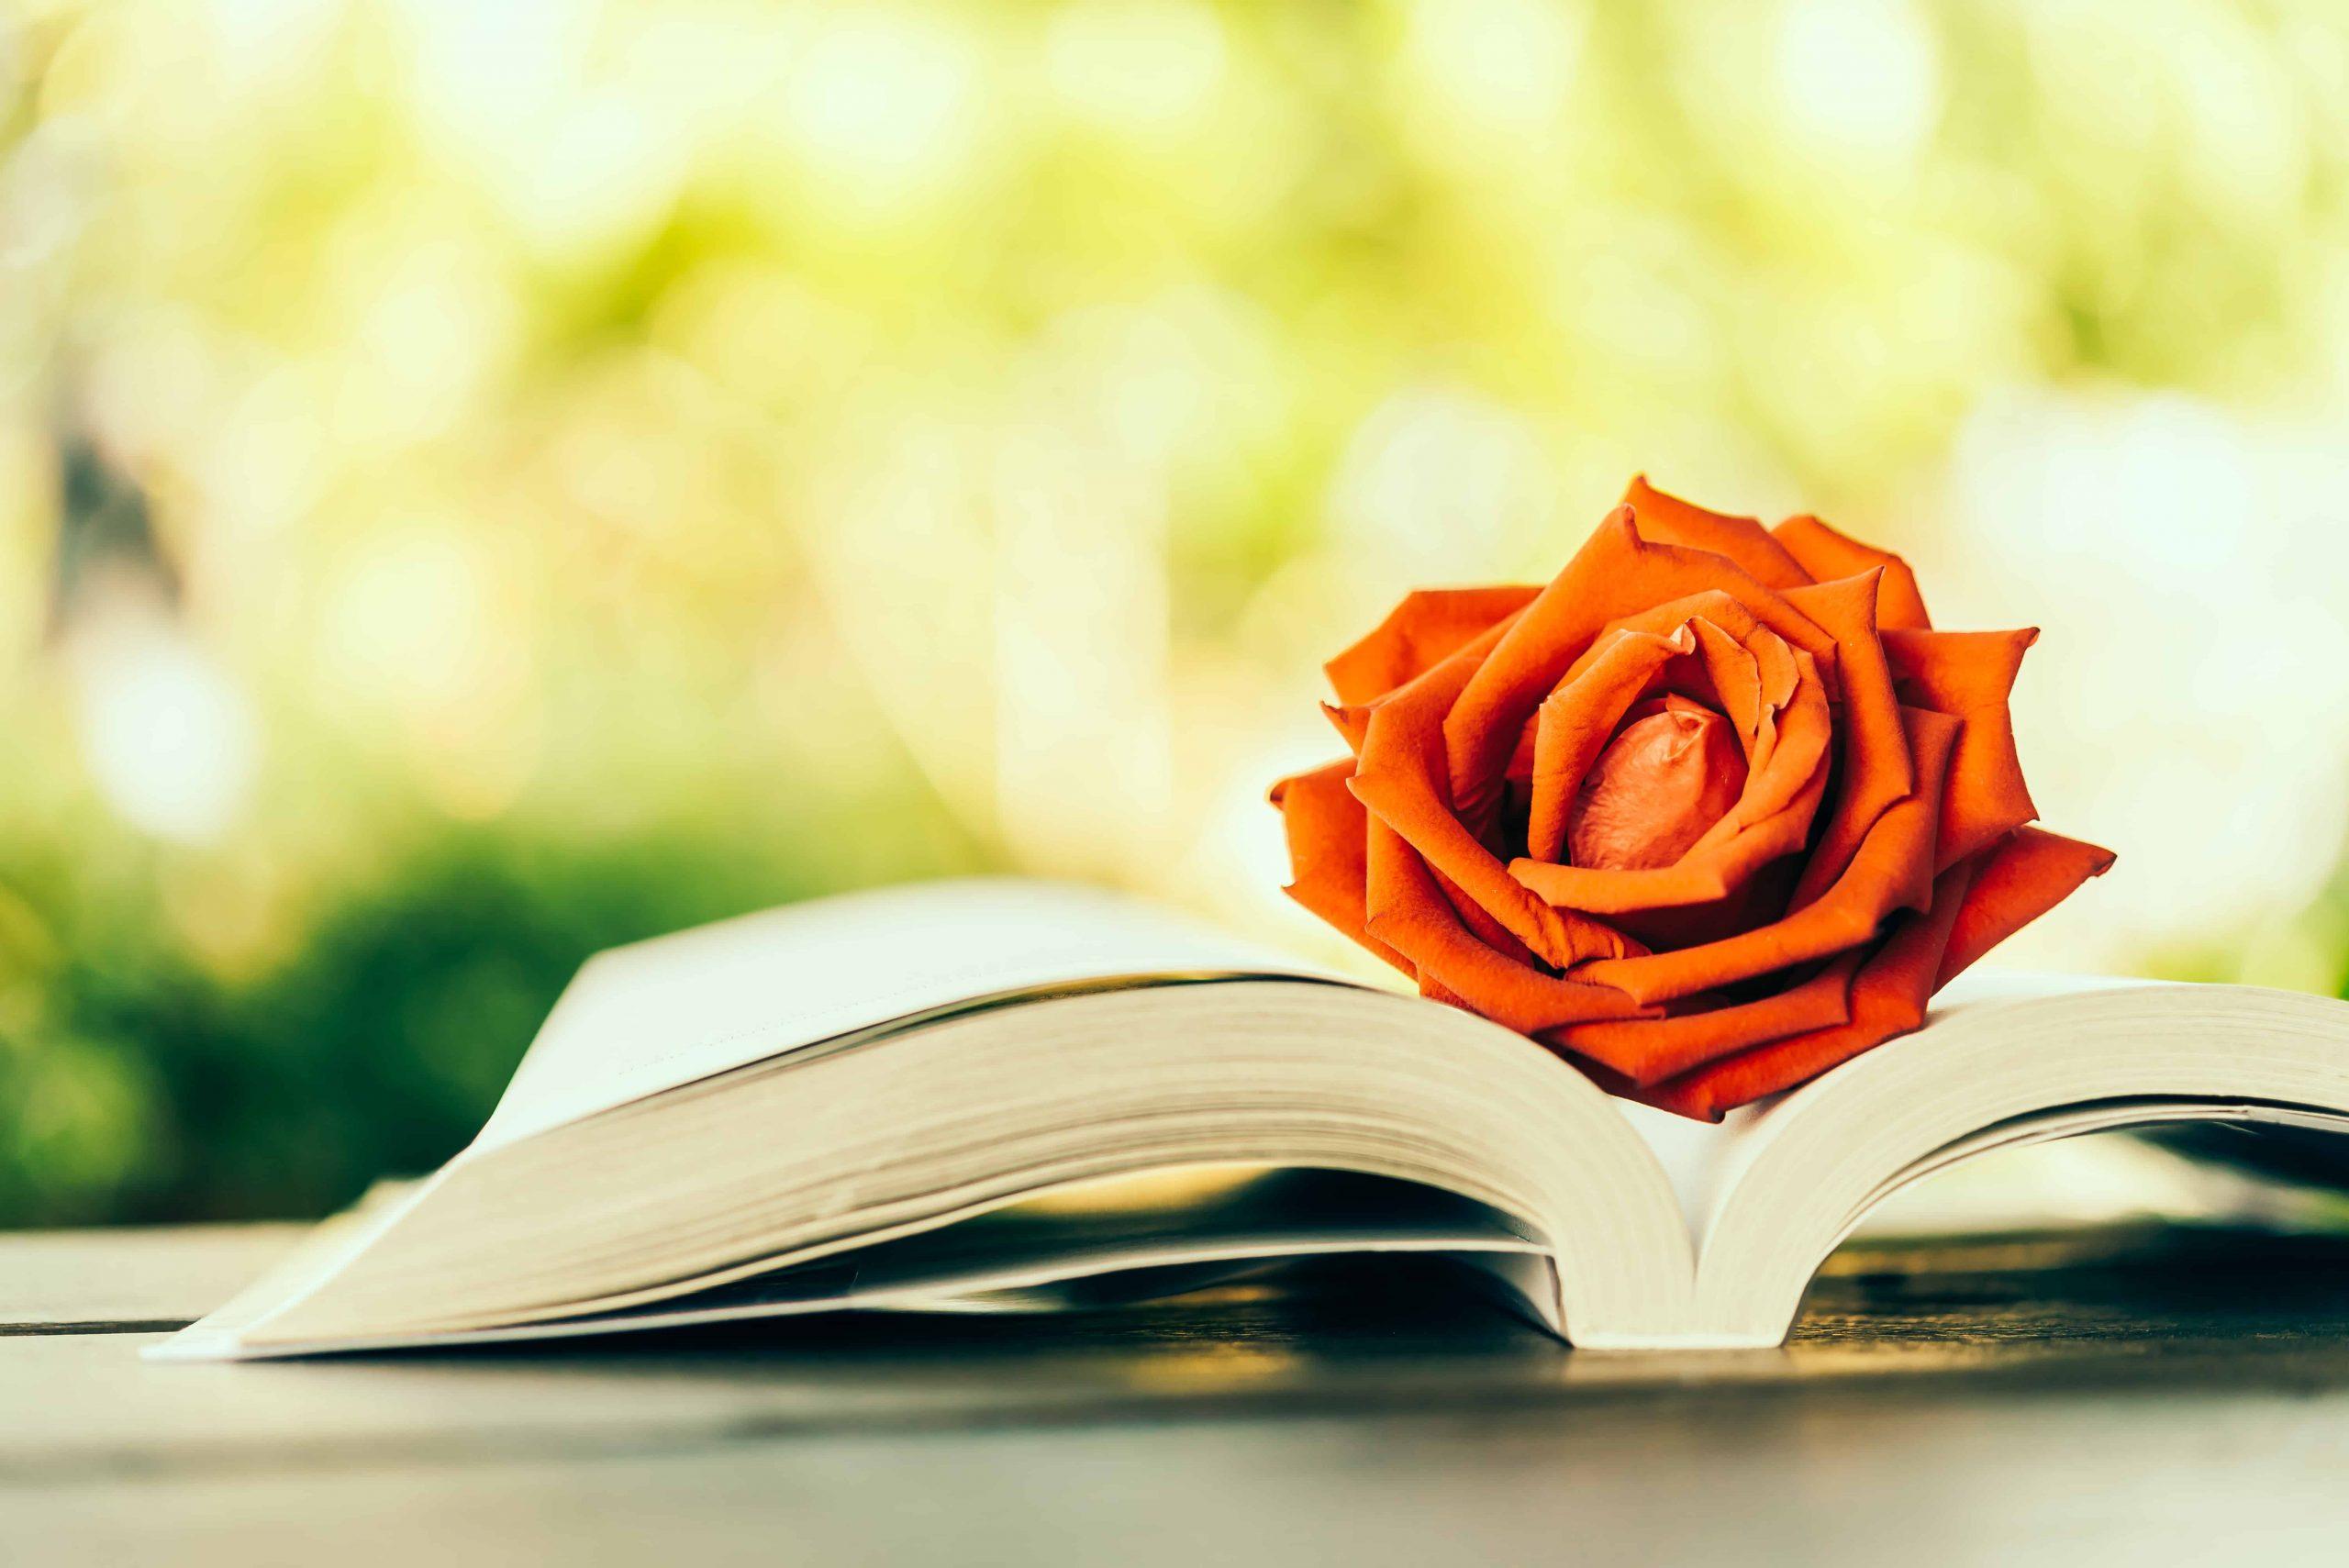 I migliori libri romantici del 2020: Guida all'acquisto